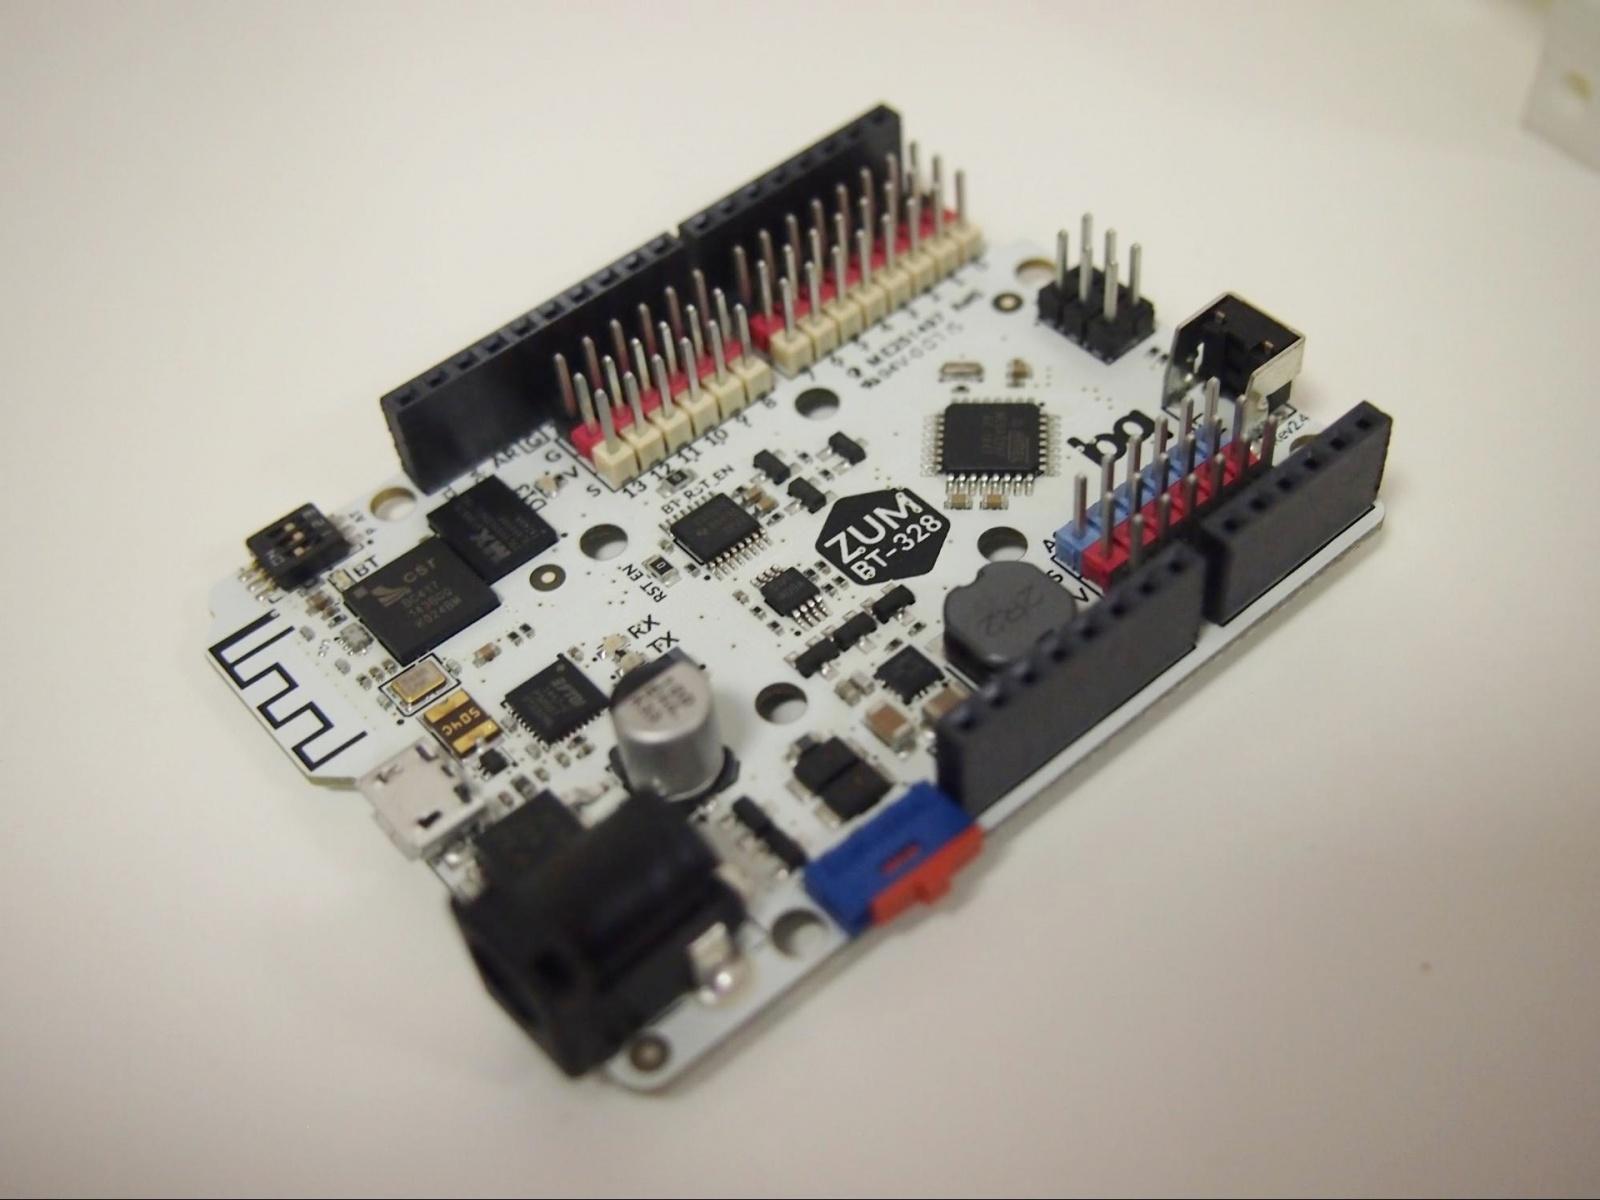 DIY Робот или эволюция в комплекте - 11